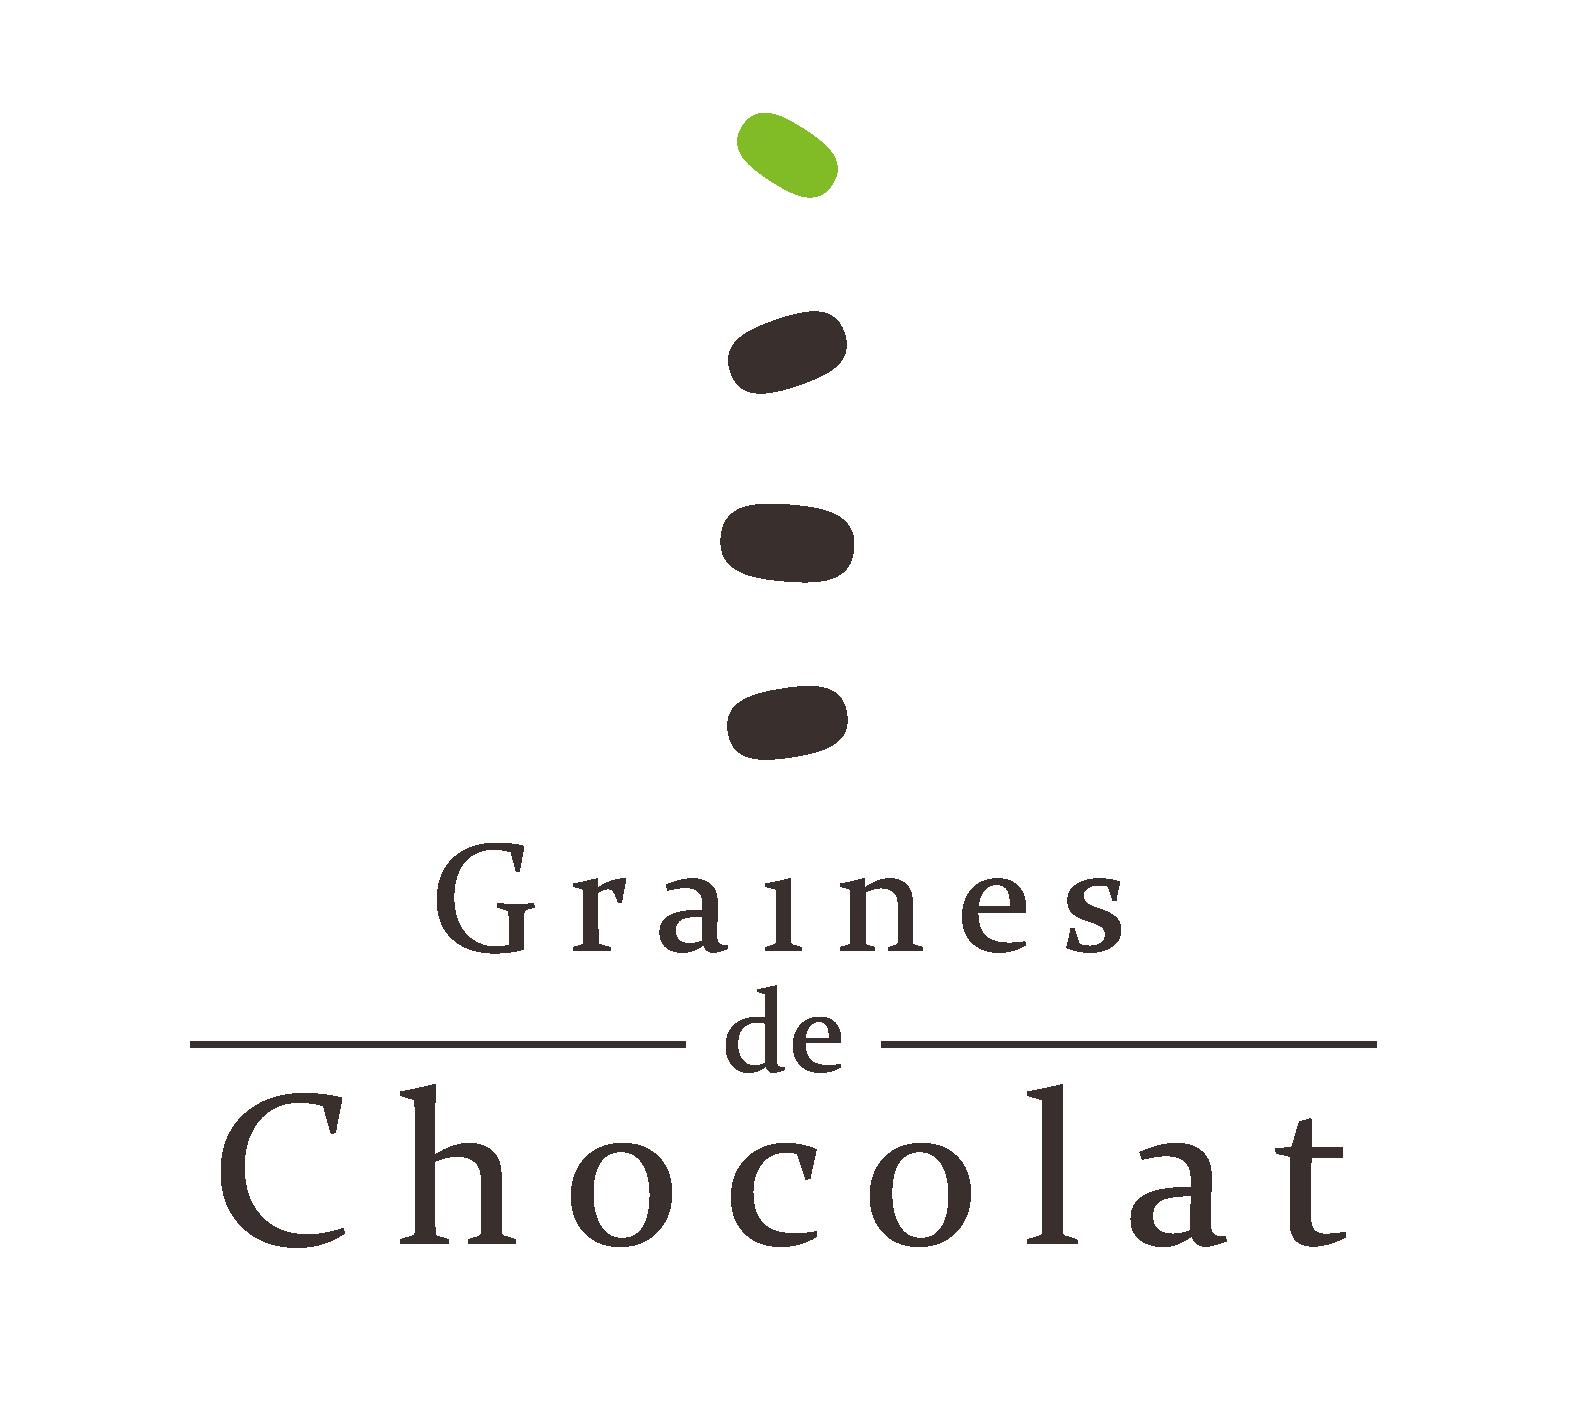 Graines de chocolat